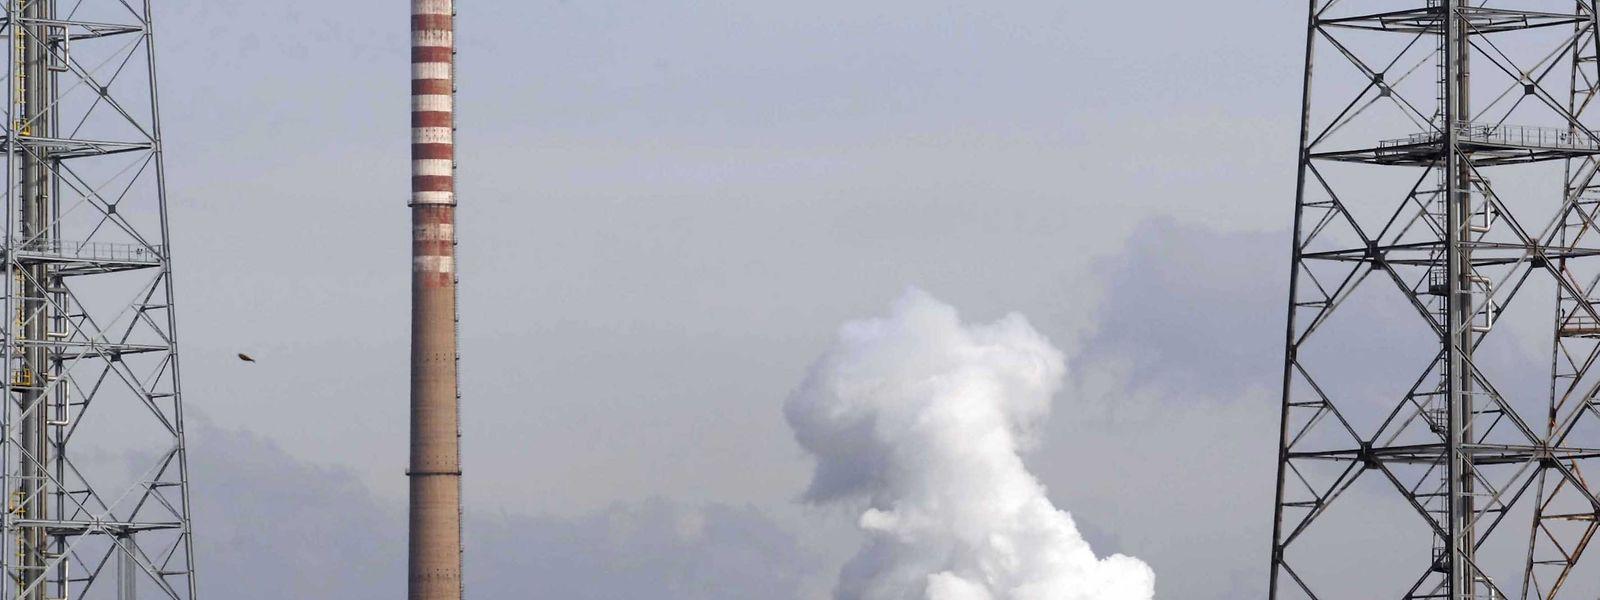 Les haut fourneaux de Tarente continuent de fonctionner, en attendant la reprise incertaine du site par ArcelorMittal, toujours en pourparlers avec le pouvoir italien.